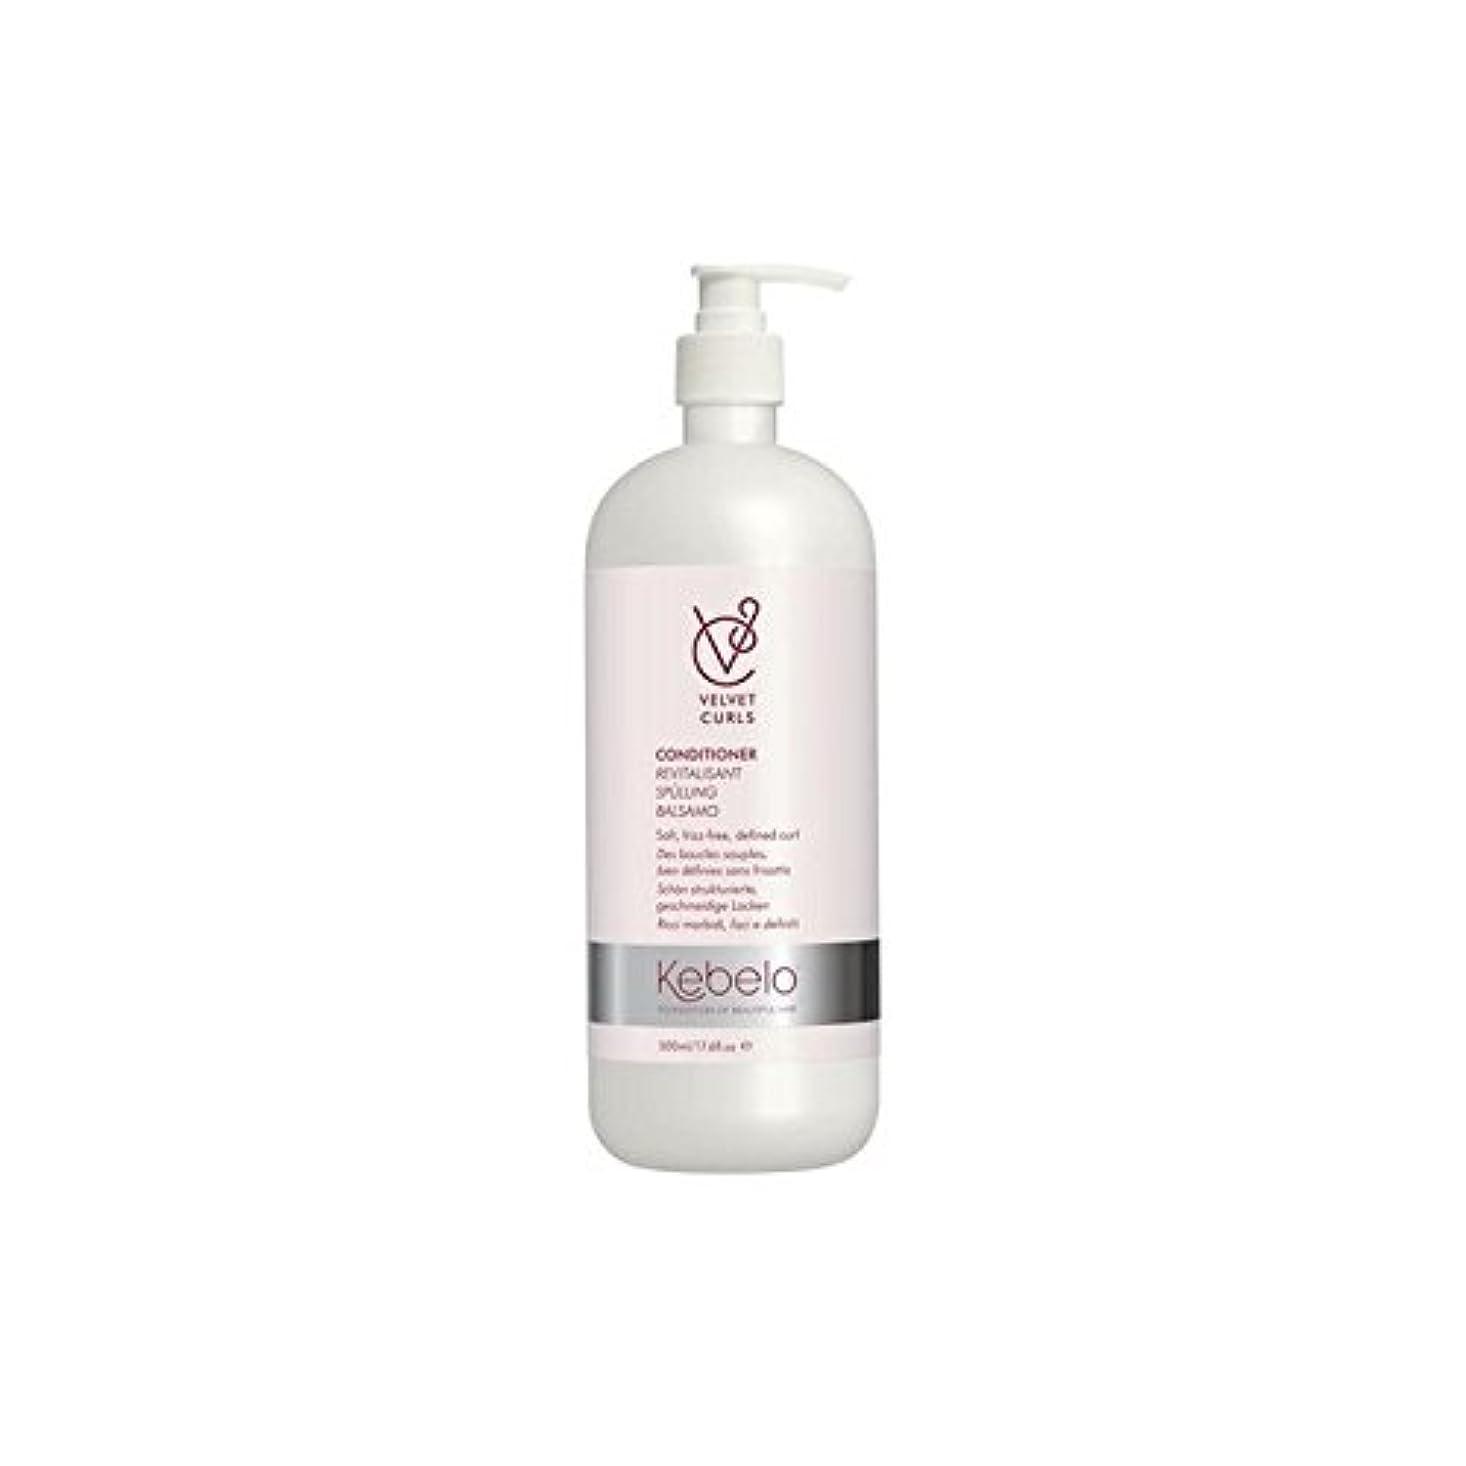 感じかごジャンクションKebelo Velvet Curls Conditioner (500ml) (Pack of 6) - ベルベットのカールコンディショナー(500ミリリットル) x6 [並行輸入品]